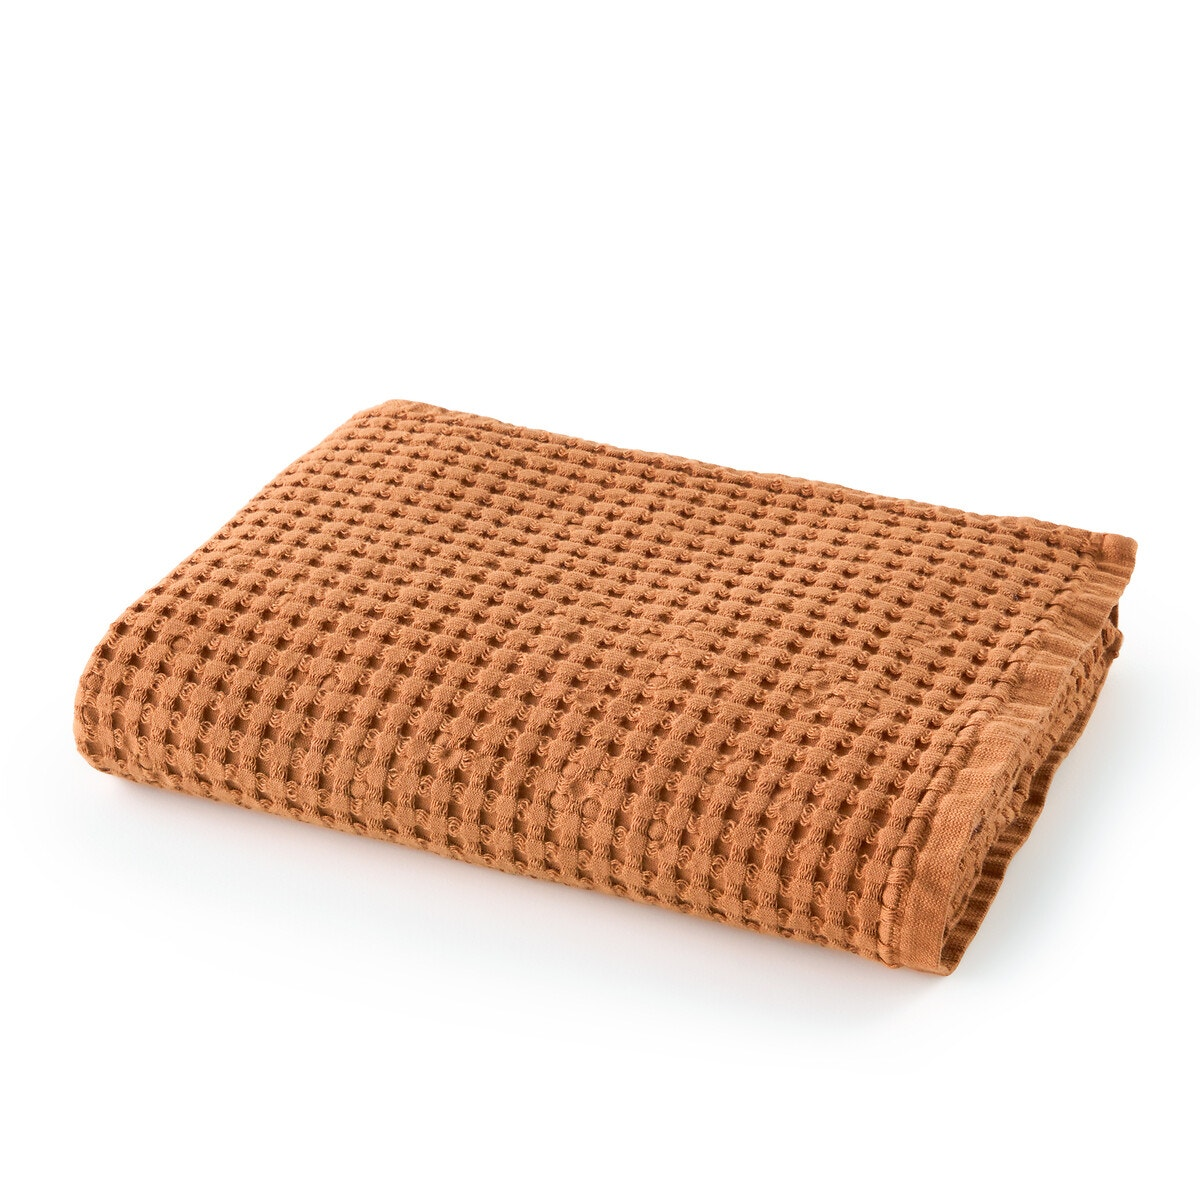 ハニカム織りバスタオル TIFLI